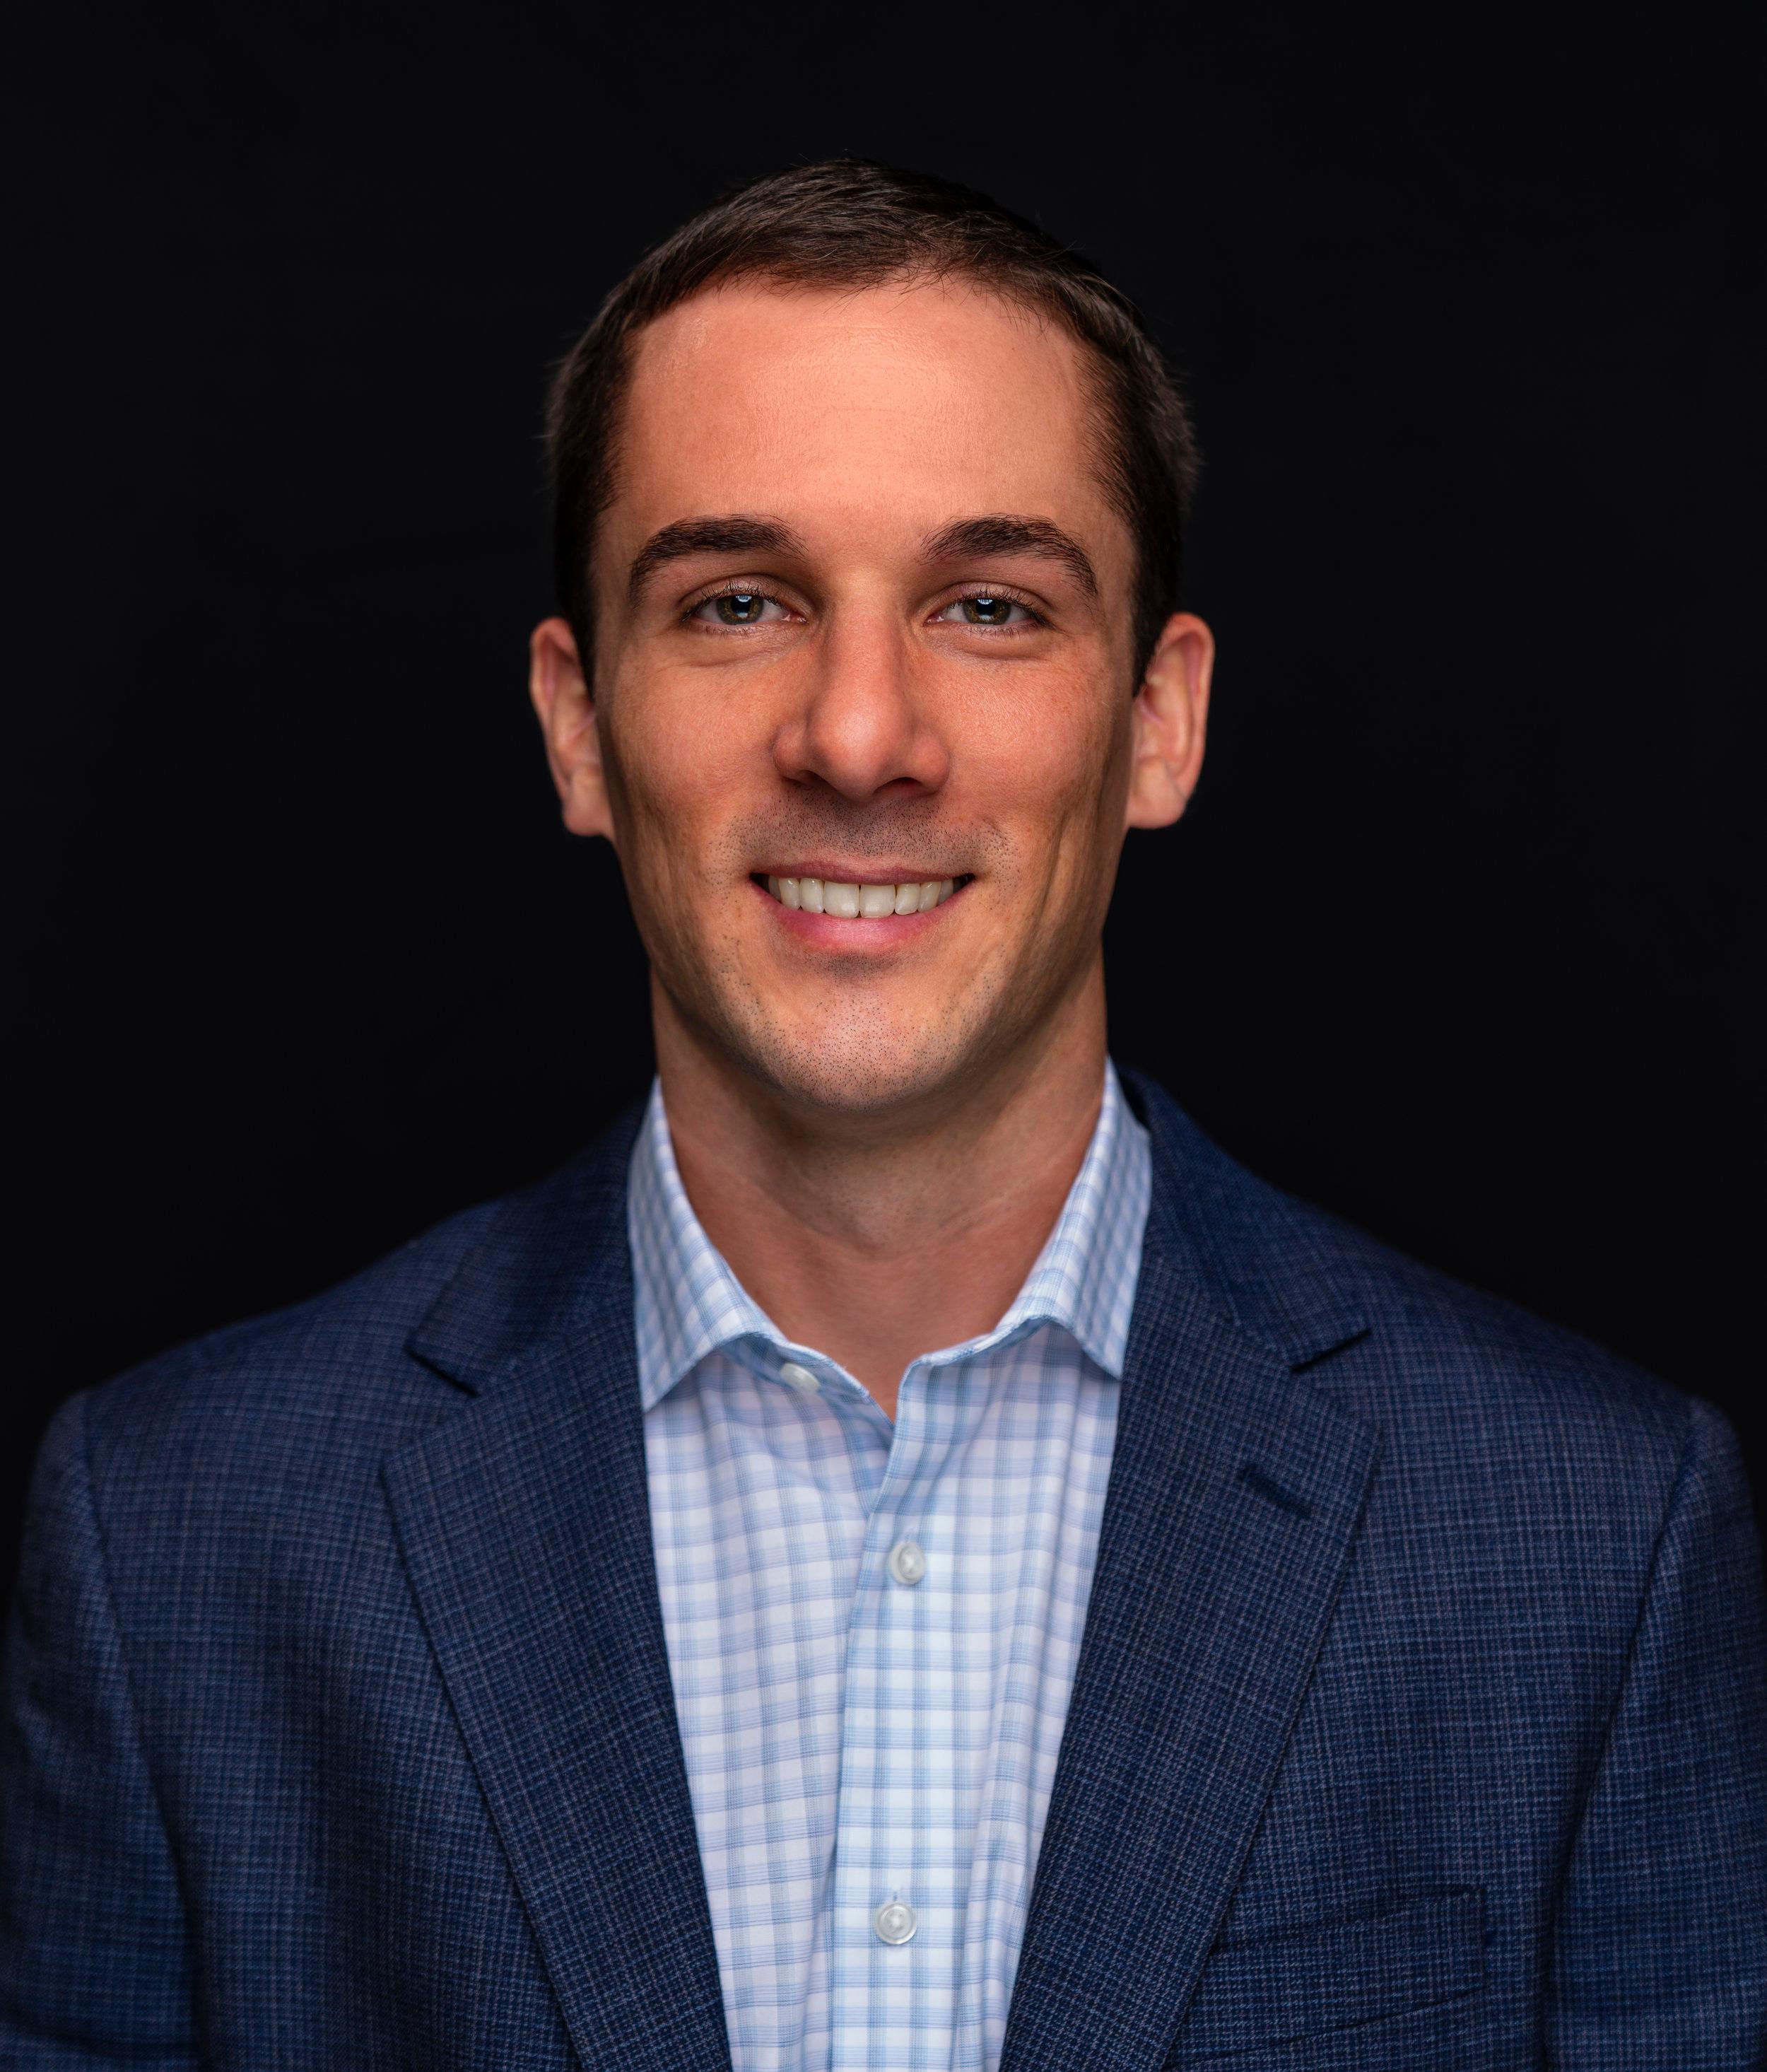 Ben Shrader, Financial Advisor